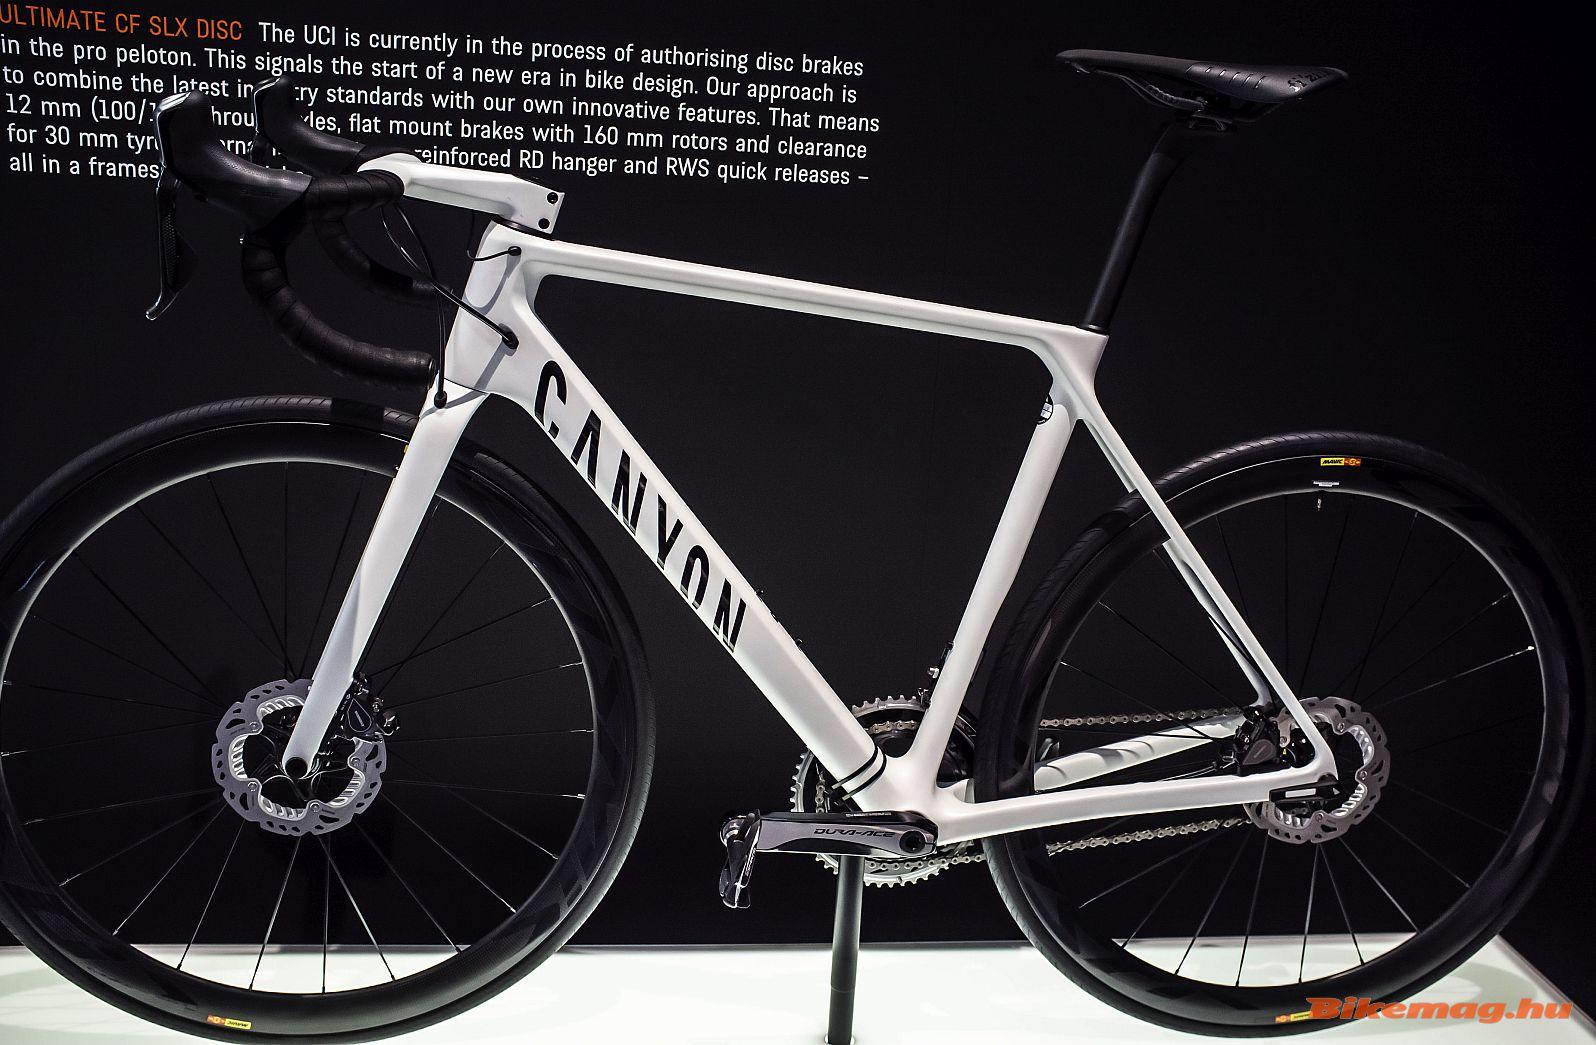 A Canyon CF Ultimate SLX Disc jól példázza önmagában, merre halad a kerékpáripar